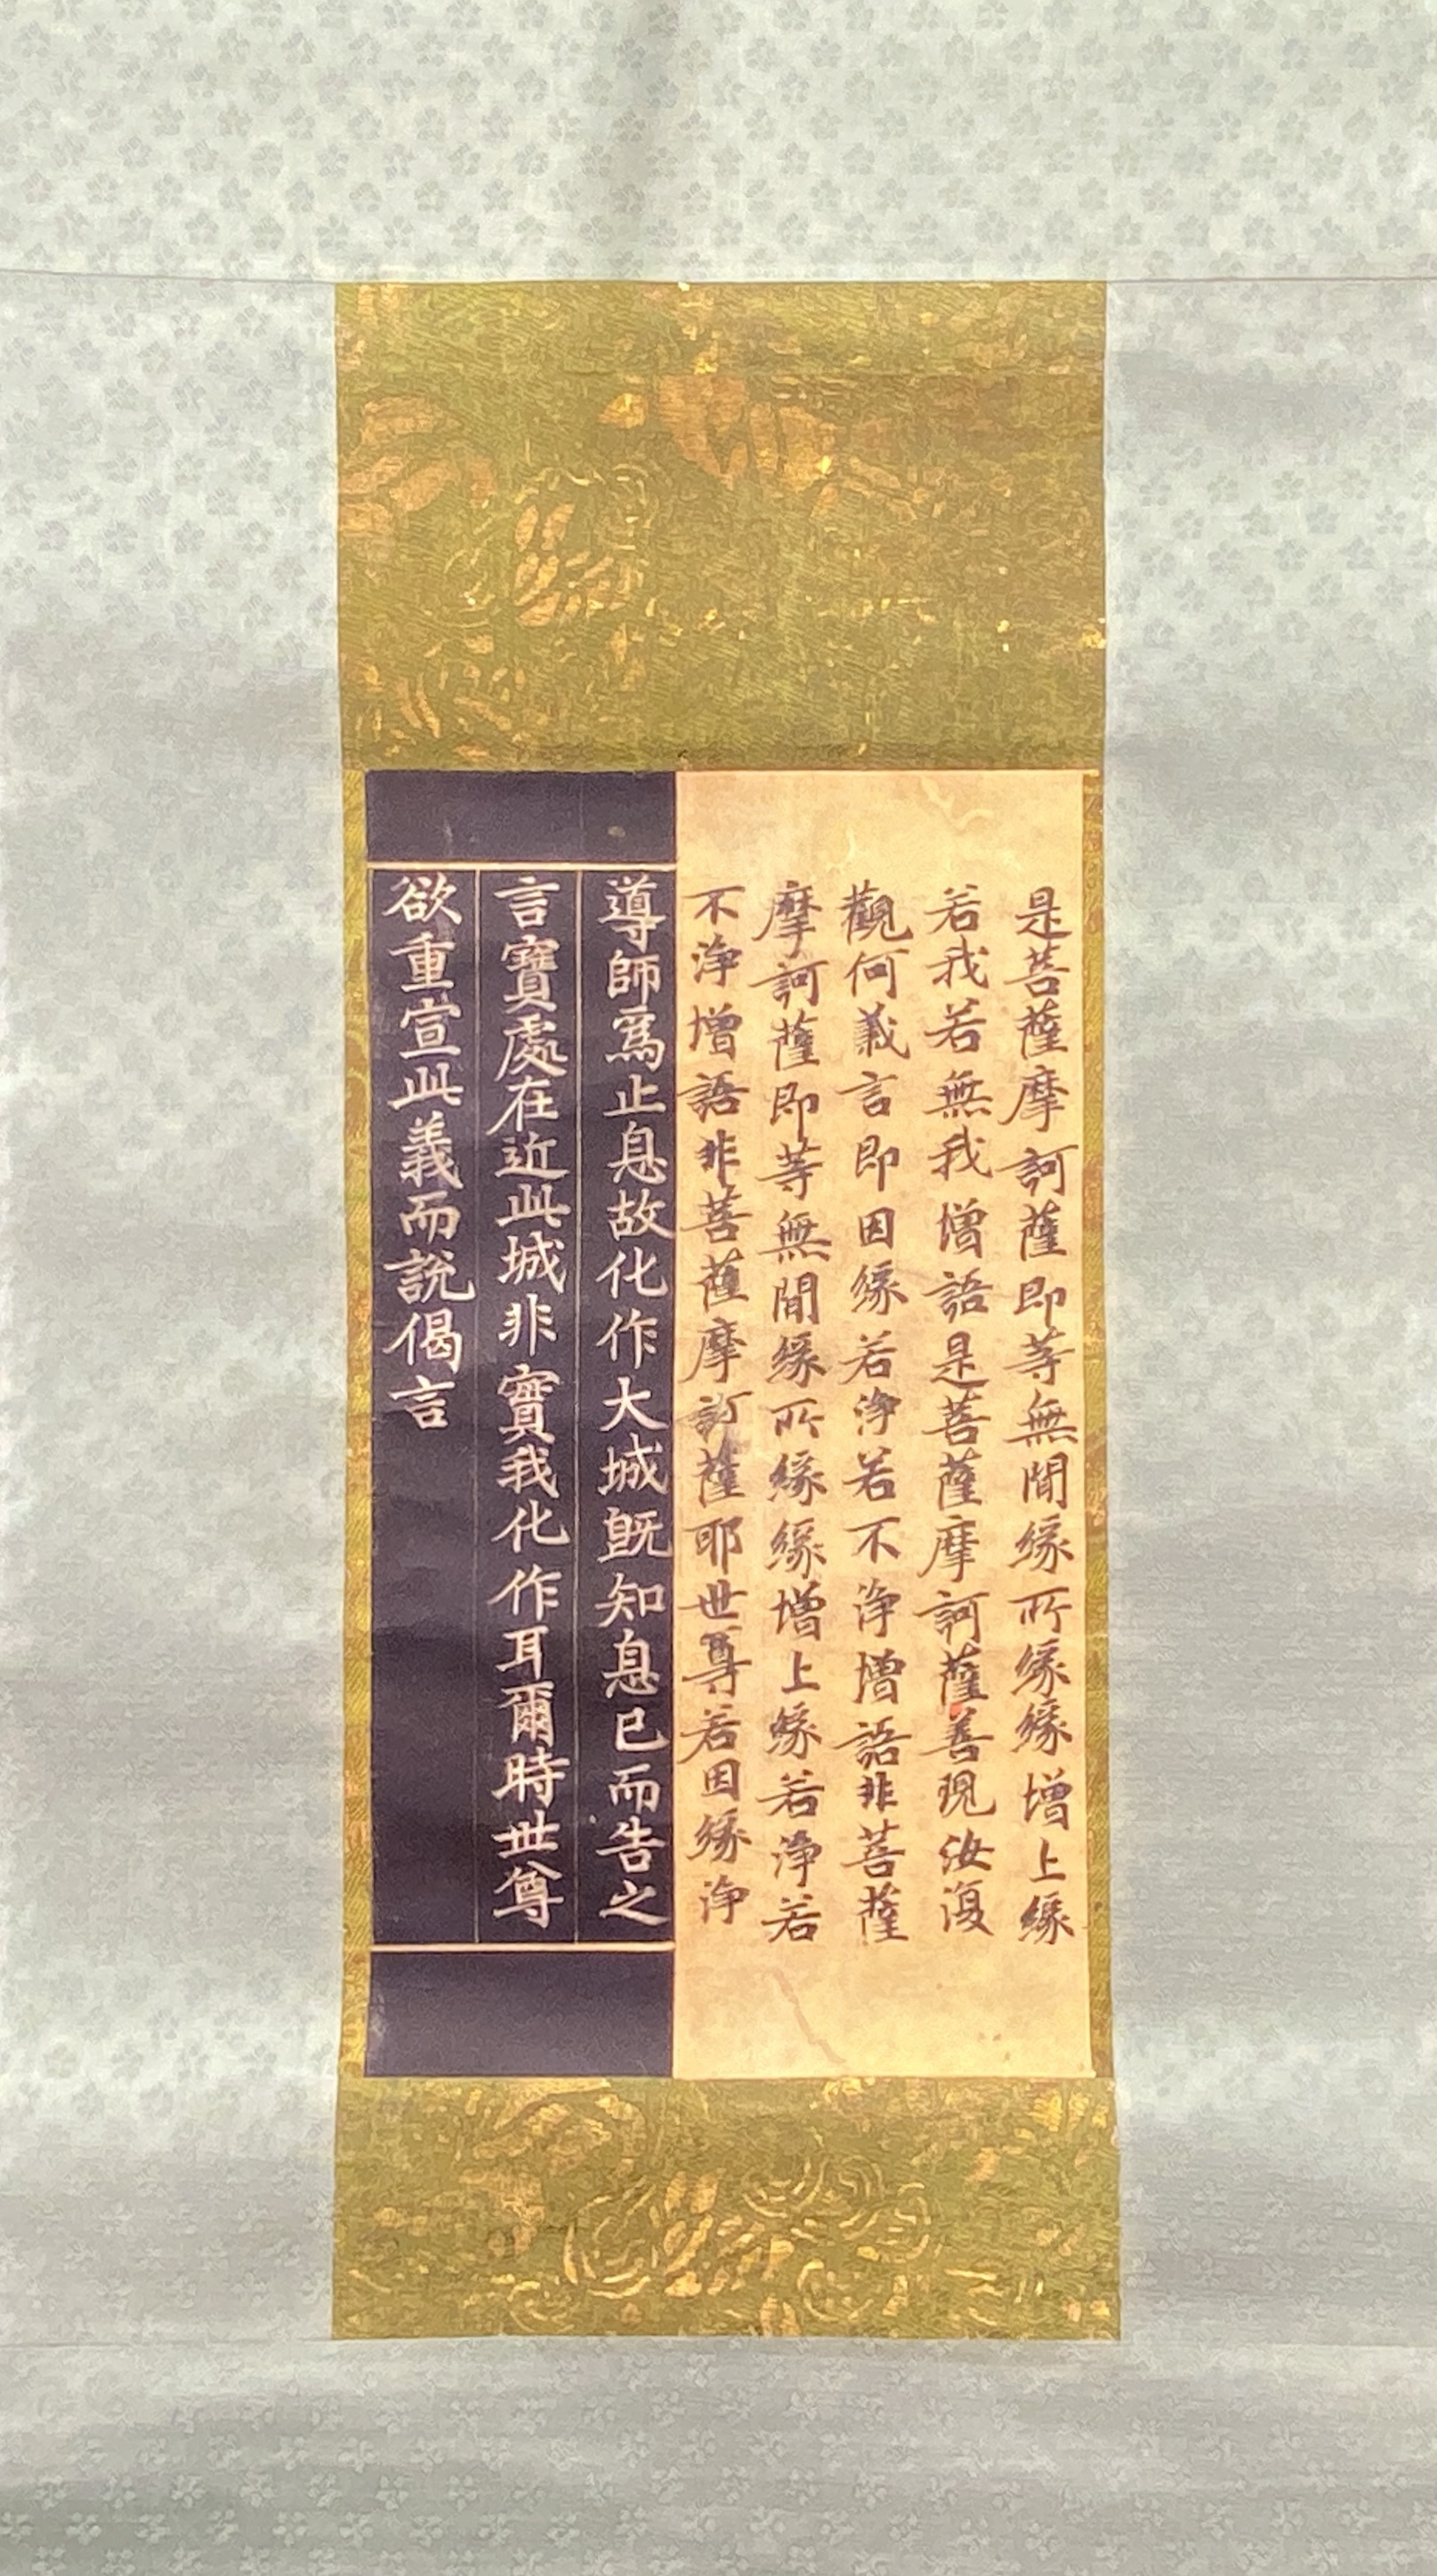 20678「天平経高麗経」合装軸24.5×13.8cm